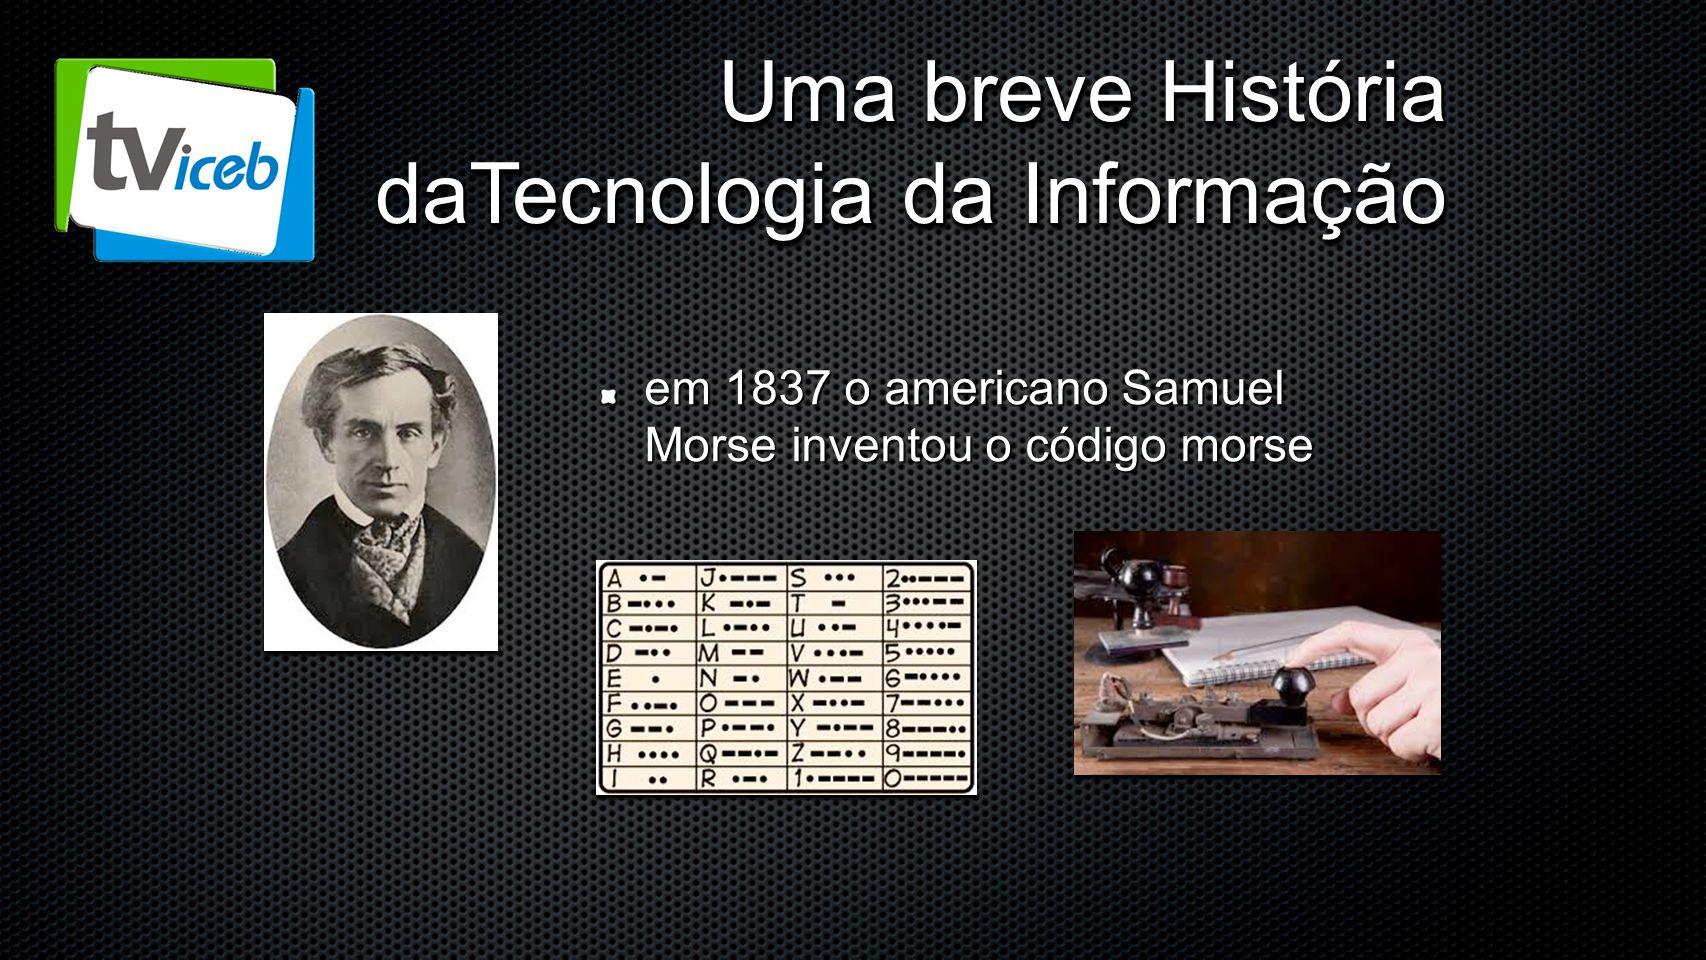 Uma breve História daTecnologia da Informação em 1837 o americano Samuel Morse inventou o código morse